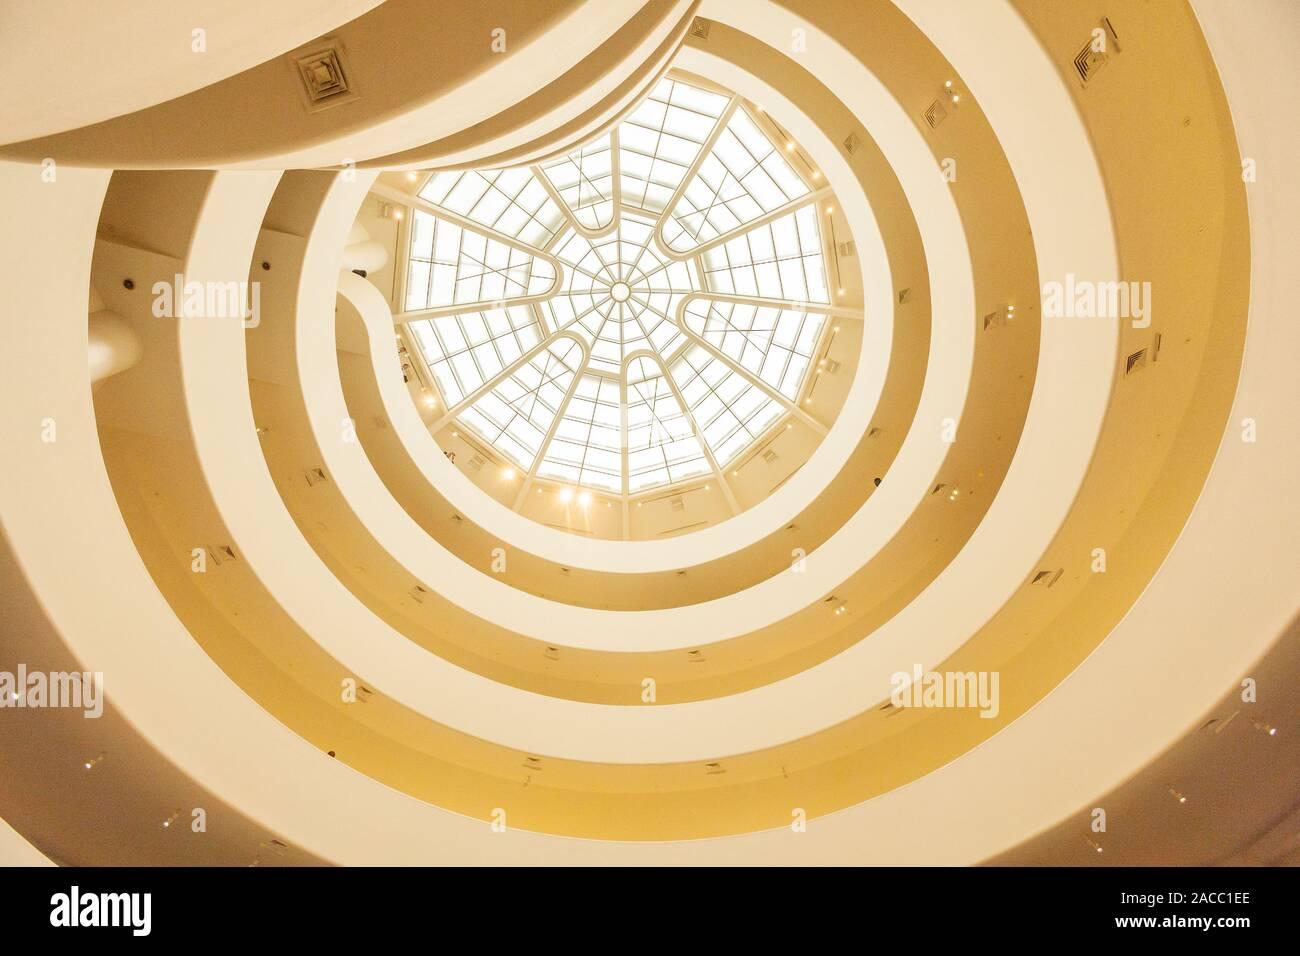 Lucarne centrale Musée Guggenheim, 5e Avenue, Manhattan, New York, NY, États-Unis d'Amérique. U.S.A. Banque D'Images